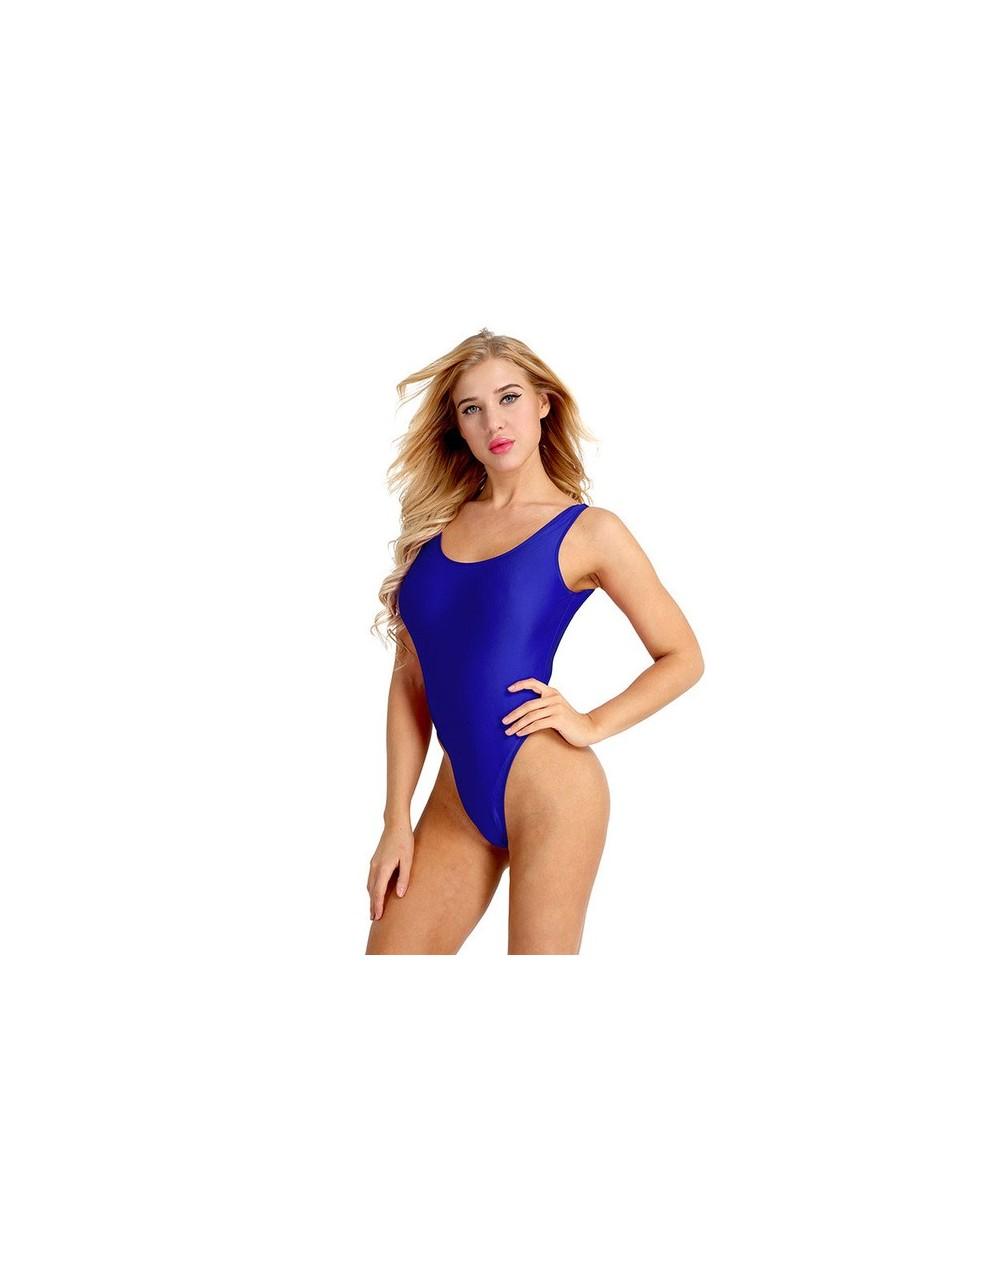 Womens Fashion Clubwear Bodycon Costumes Summer Bodysuit One-piece Swimsuits High Cut Low Back Stretch Leotard Bodysuit - Bl...